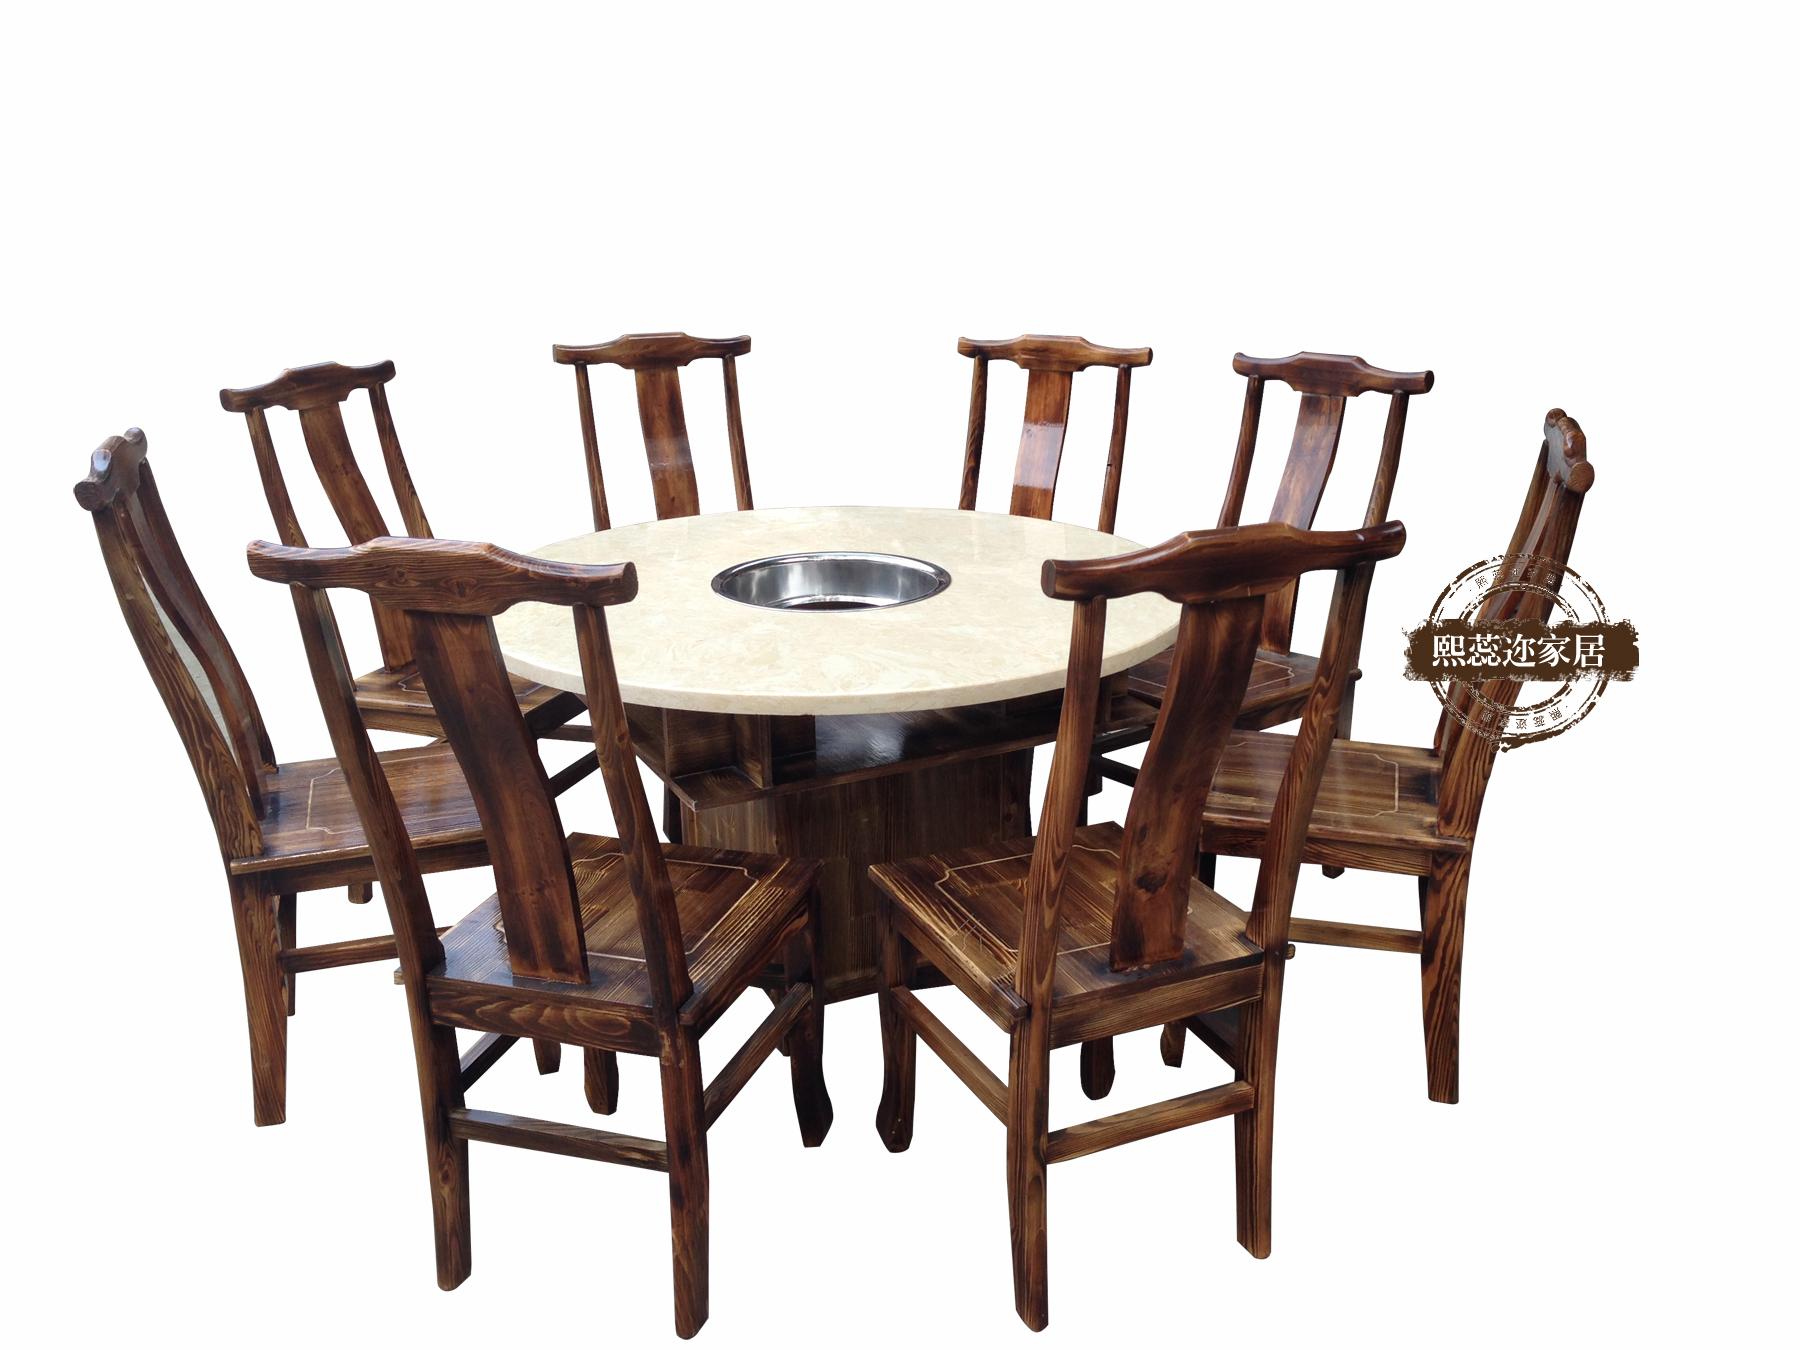 大理石 火锅桌 火锅店餐桌组合批发 煤气灶电磁炉实木火锅桌 定做图片